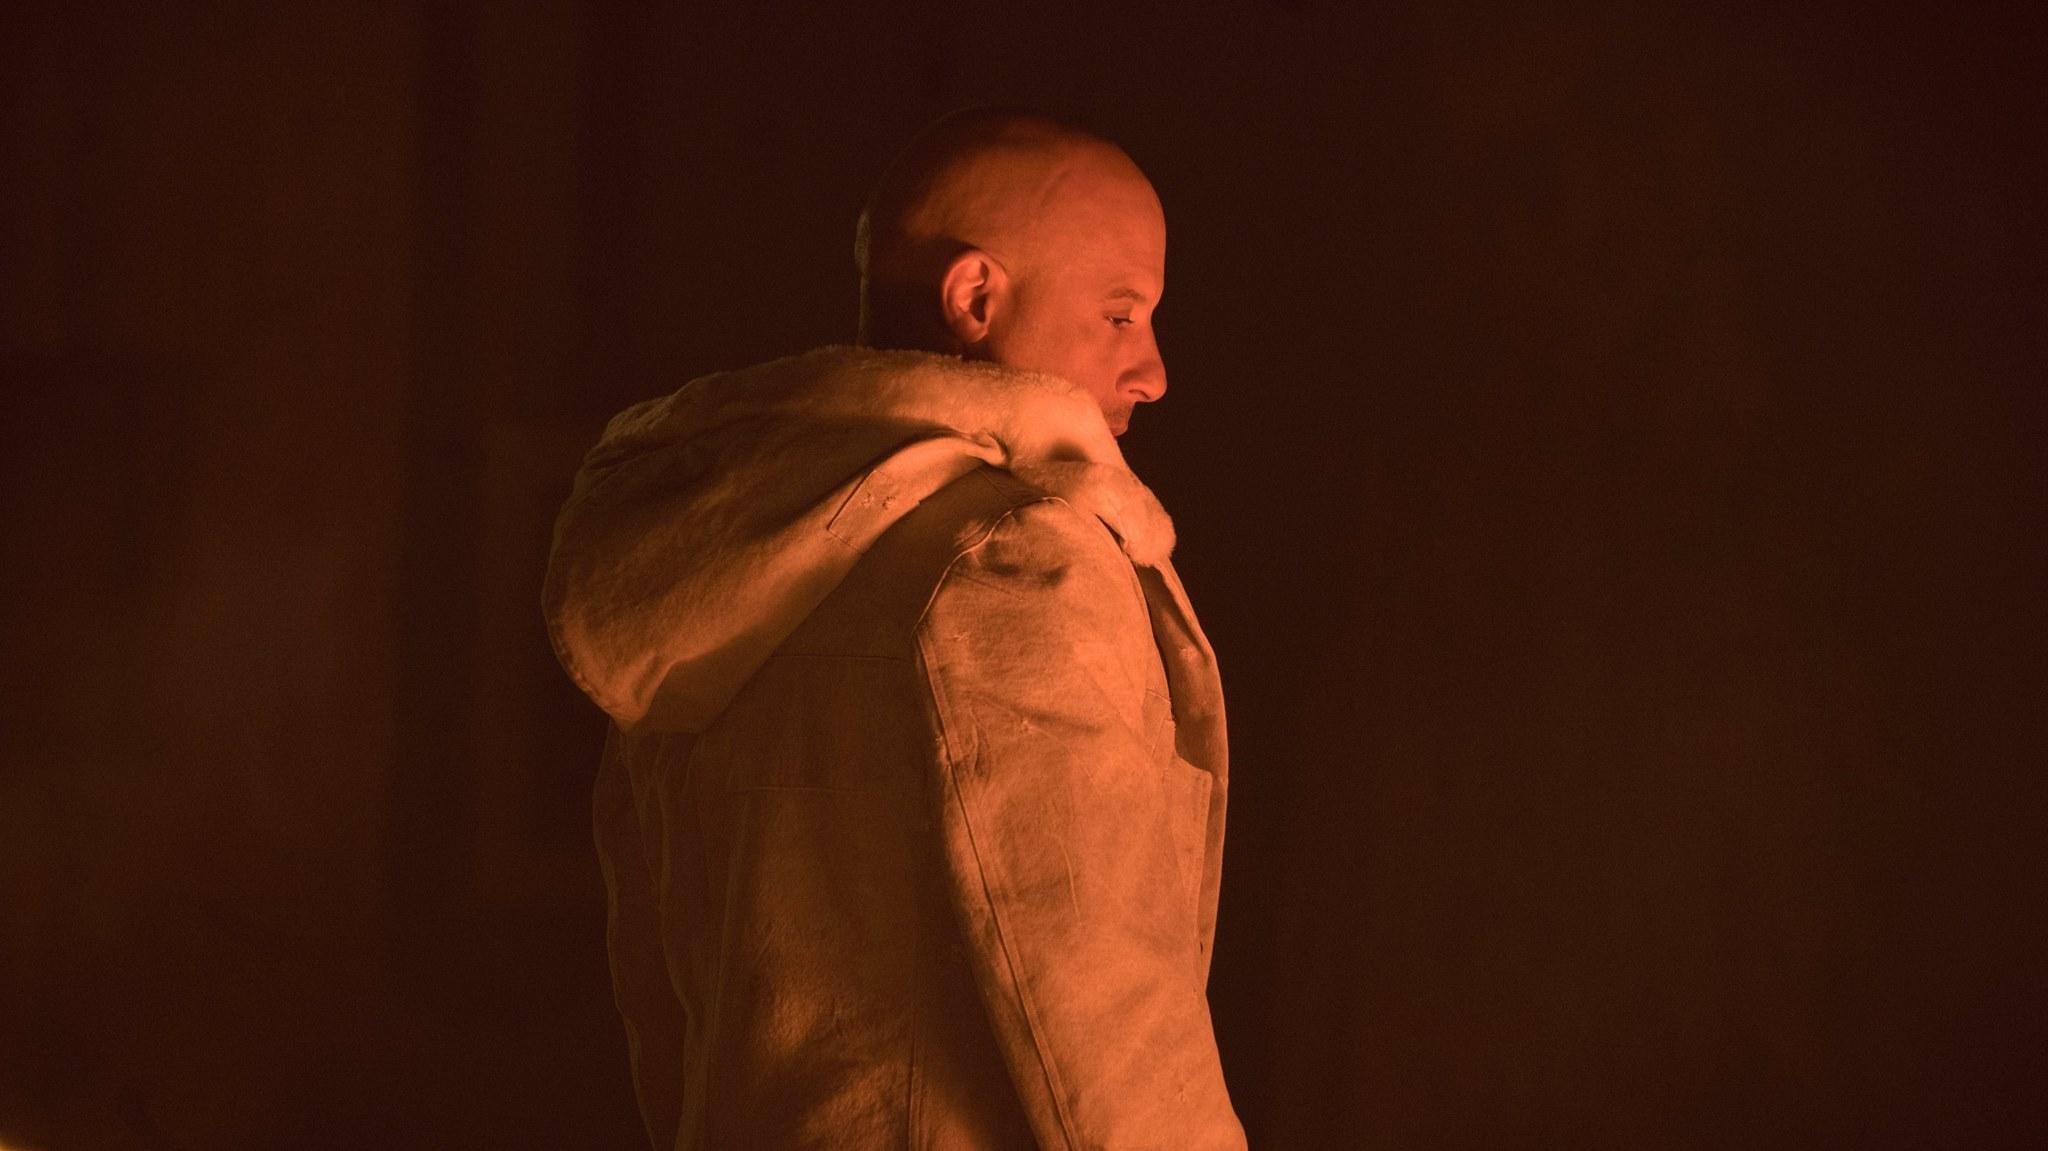 Vin Diesel I Xxx Retur af Xander Cage, Hd Film, 4K-1391